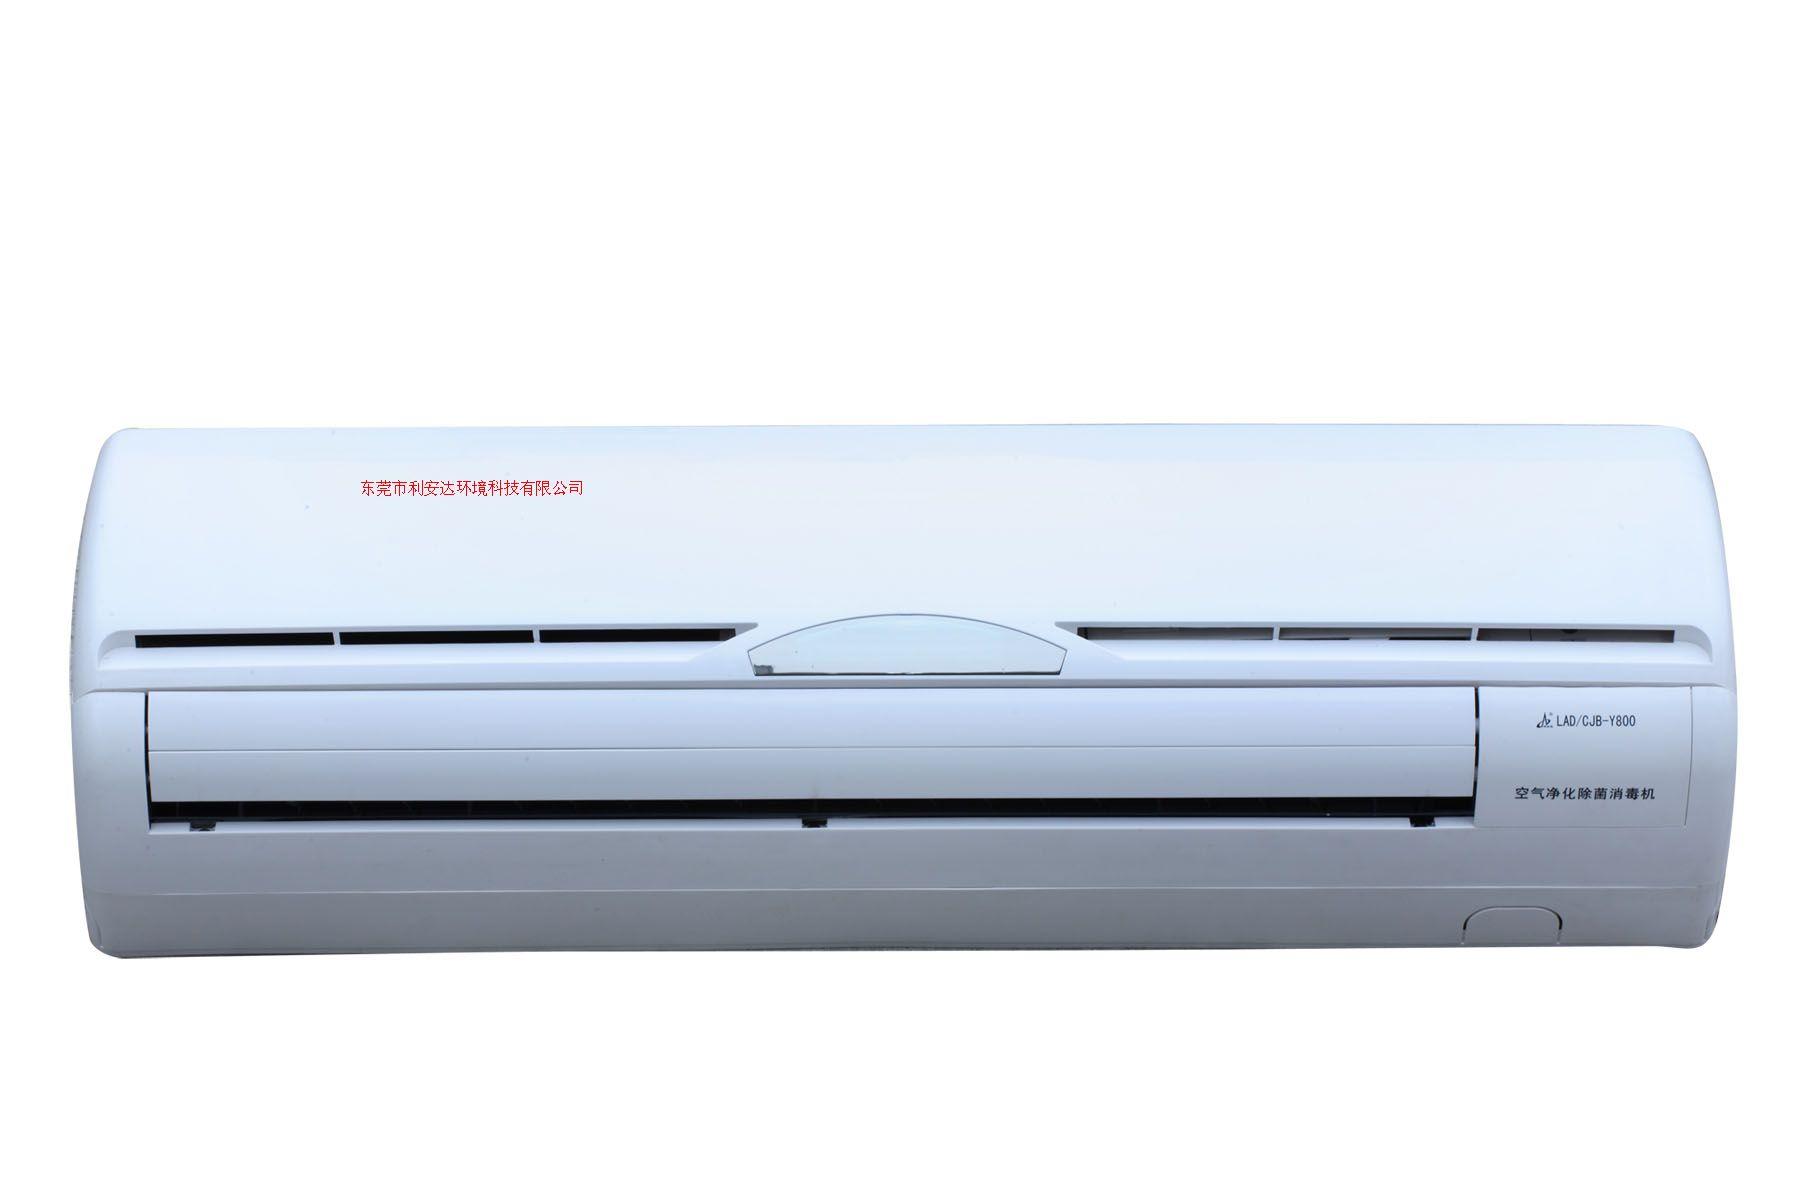 動態循環風壁掛式消毒機,紫外線壁掛式空氣凈化消毒機